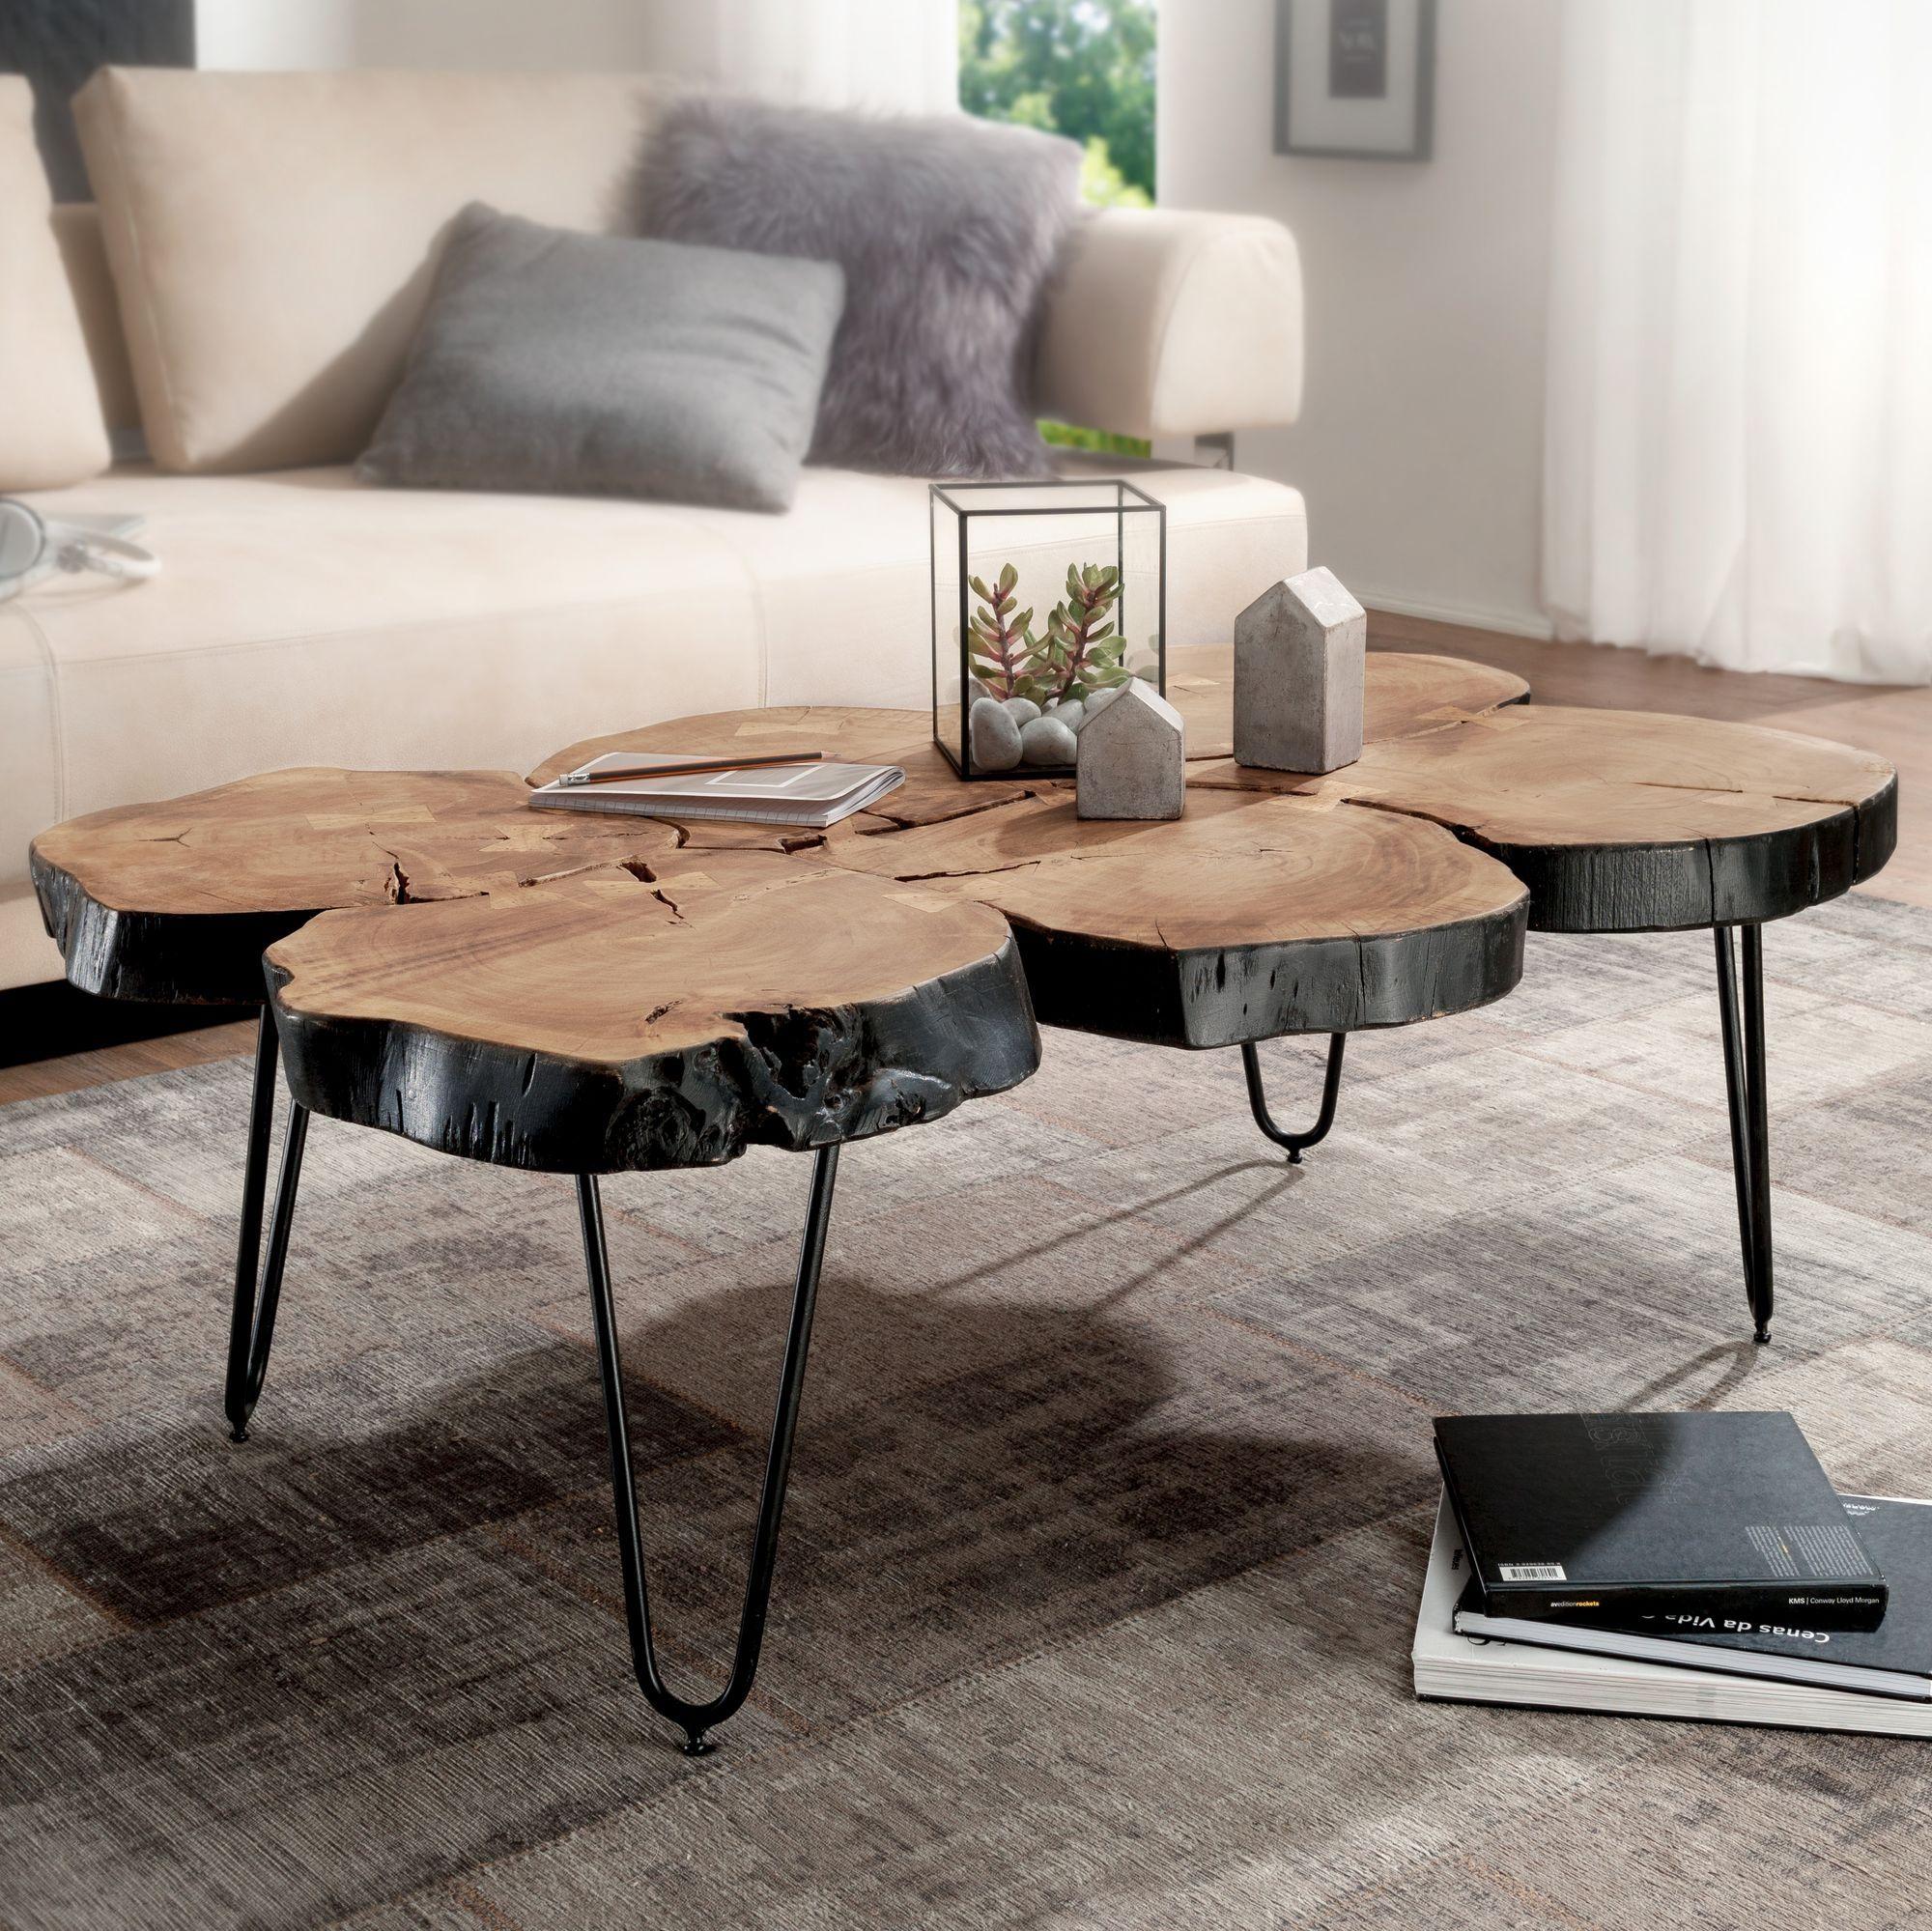 Baumstamm Tisch Wohnzimmer in 9  Wohnzimmertisch, Couchtisch